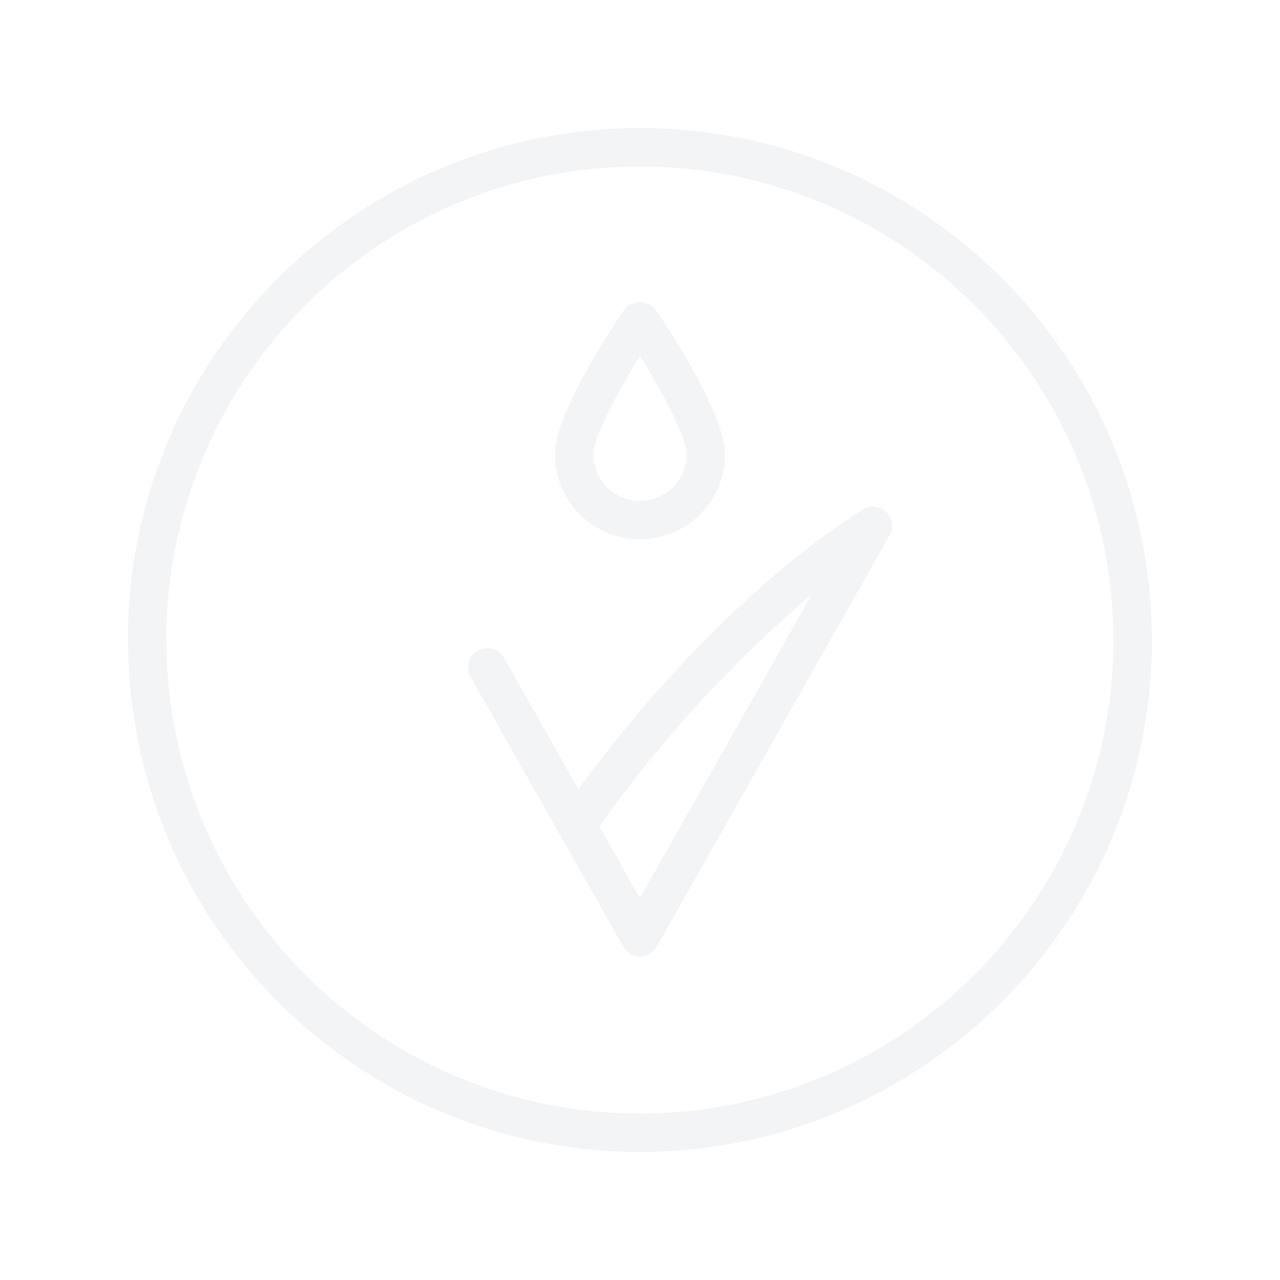 IDUN Minerals Pressed Finishing Powder Underbar (Medium) 3.5g